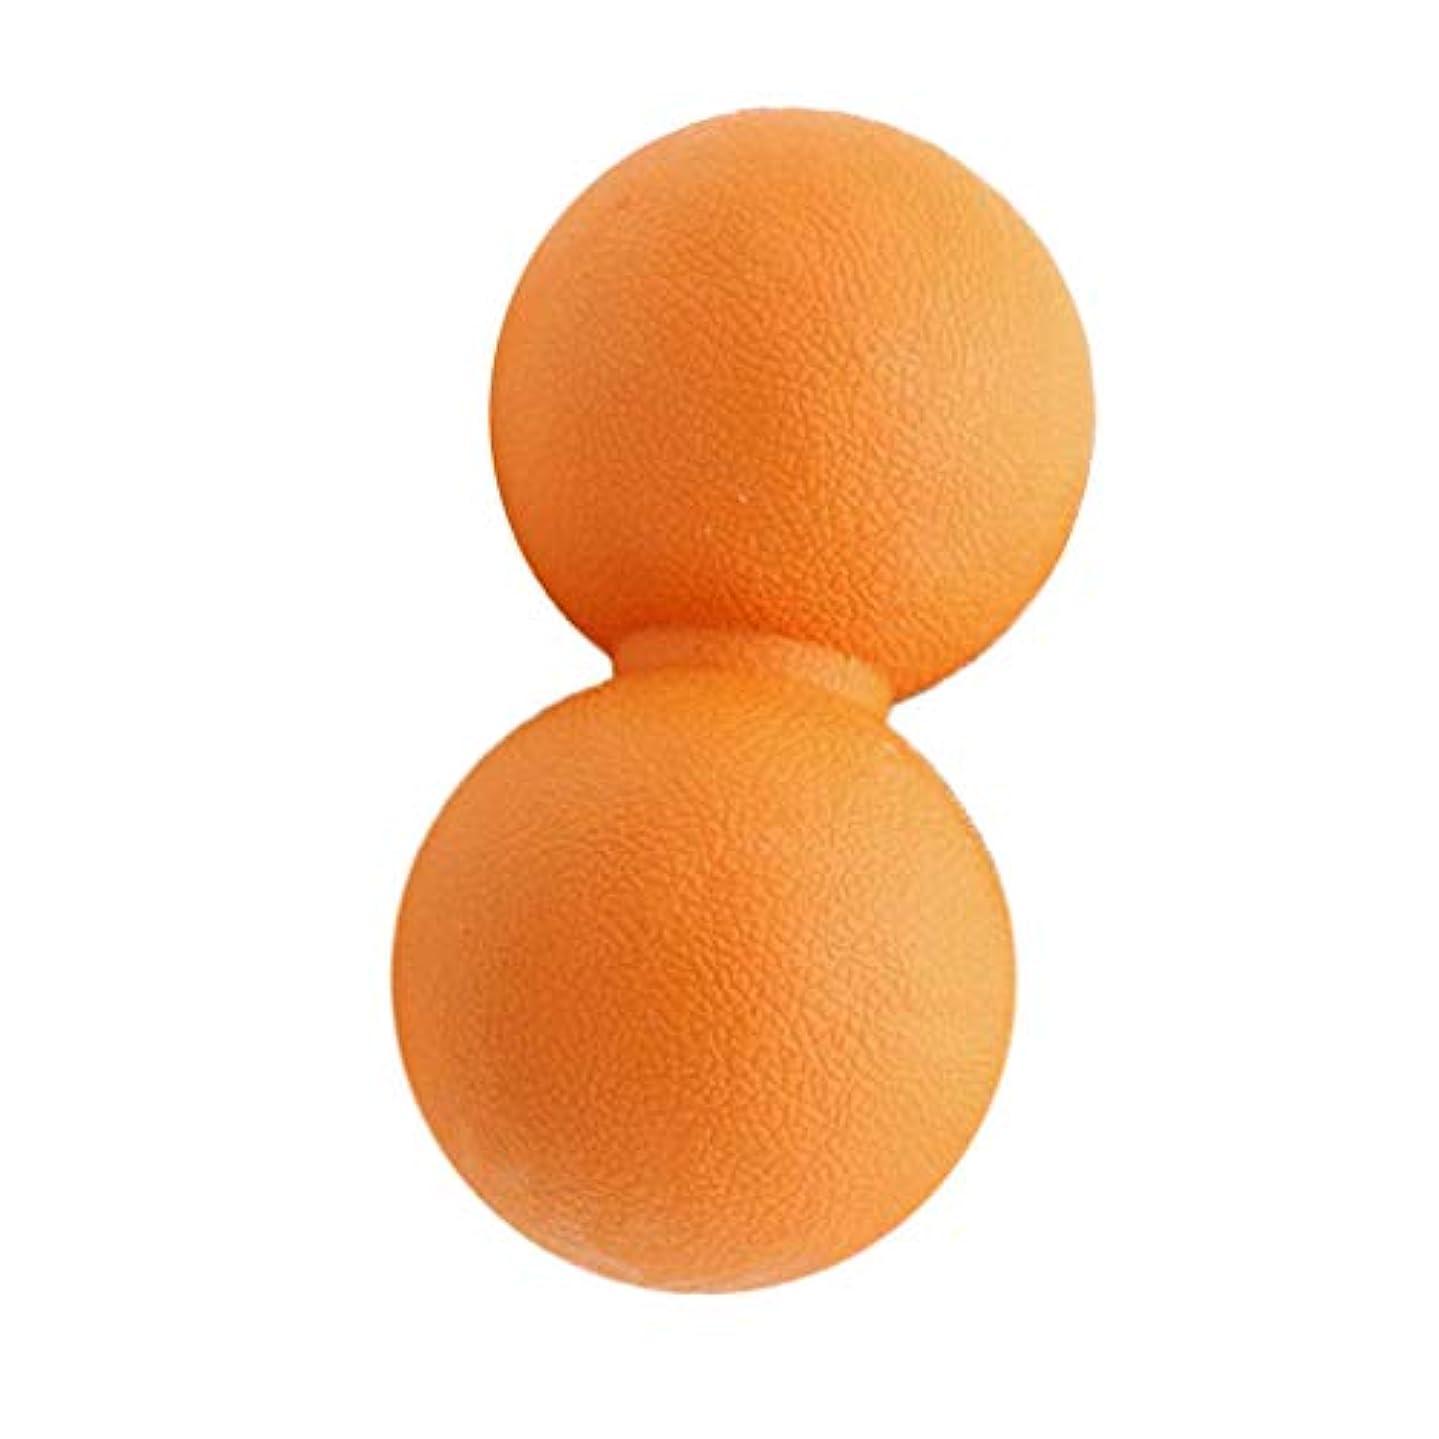 確立します資格驚くばかりCUTICATE 全2色 マッサージボール ピーナッツ ツボ押しグッズ 疲れ解消ボール 筋膜リリース 筋肉疲労回復 - オレンジ, 13cm